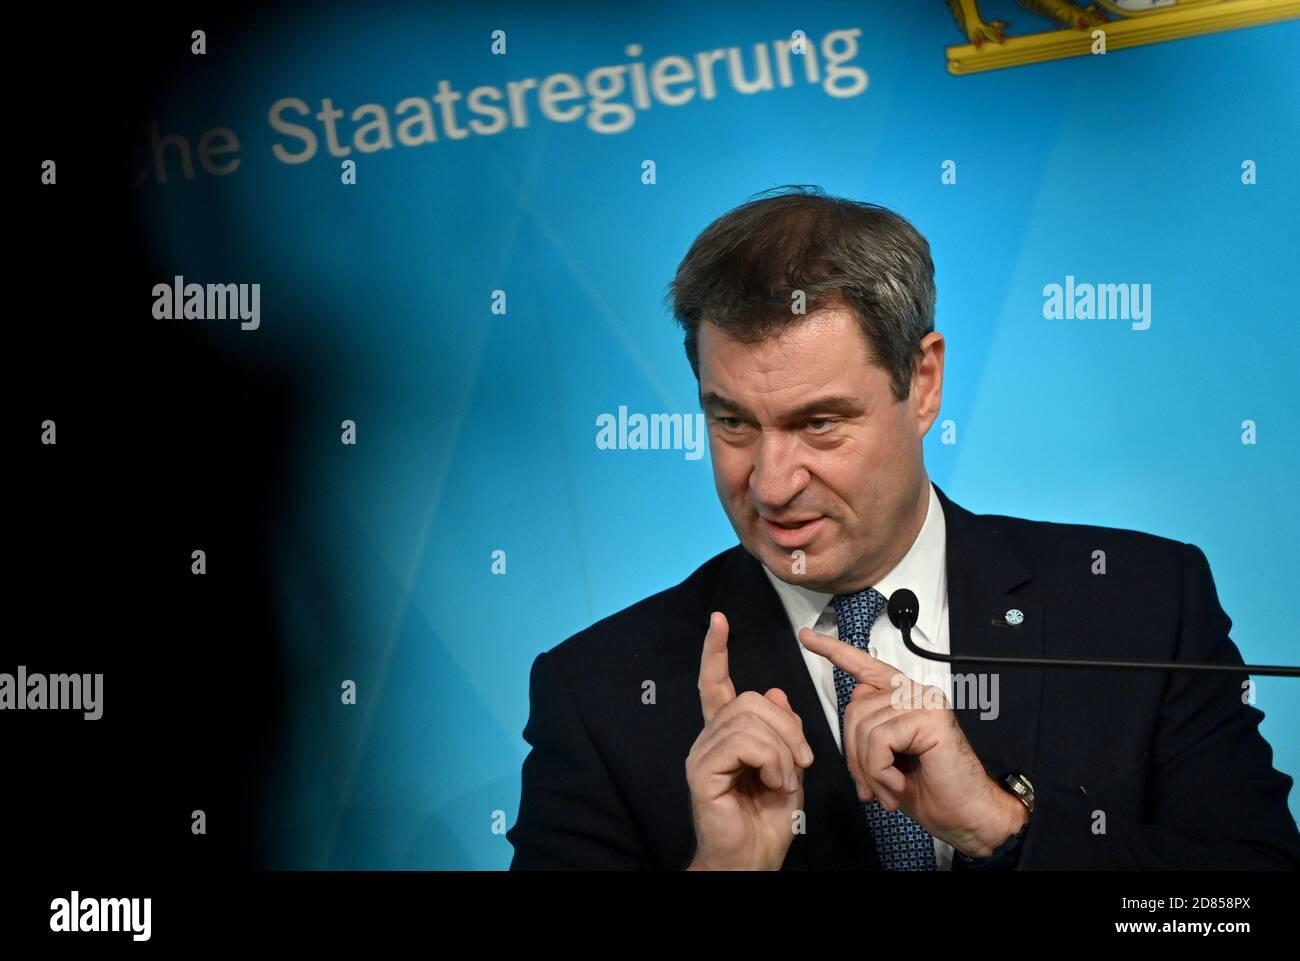 Munich, Alemania. 27 de octubre de 2020. Markus Söder (CSU), primer Ministro de Baviera, hablará en una rueda de prensa después de la reunión del gabinete. Crédito: Peter Kneffel/dpa POOL/dpa/Alamy Live News Foto de stock